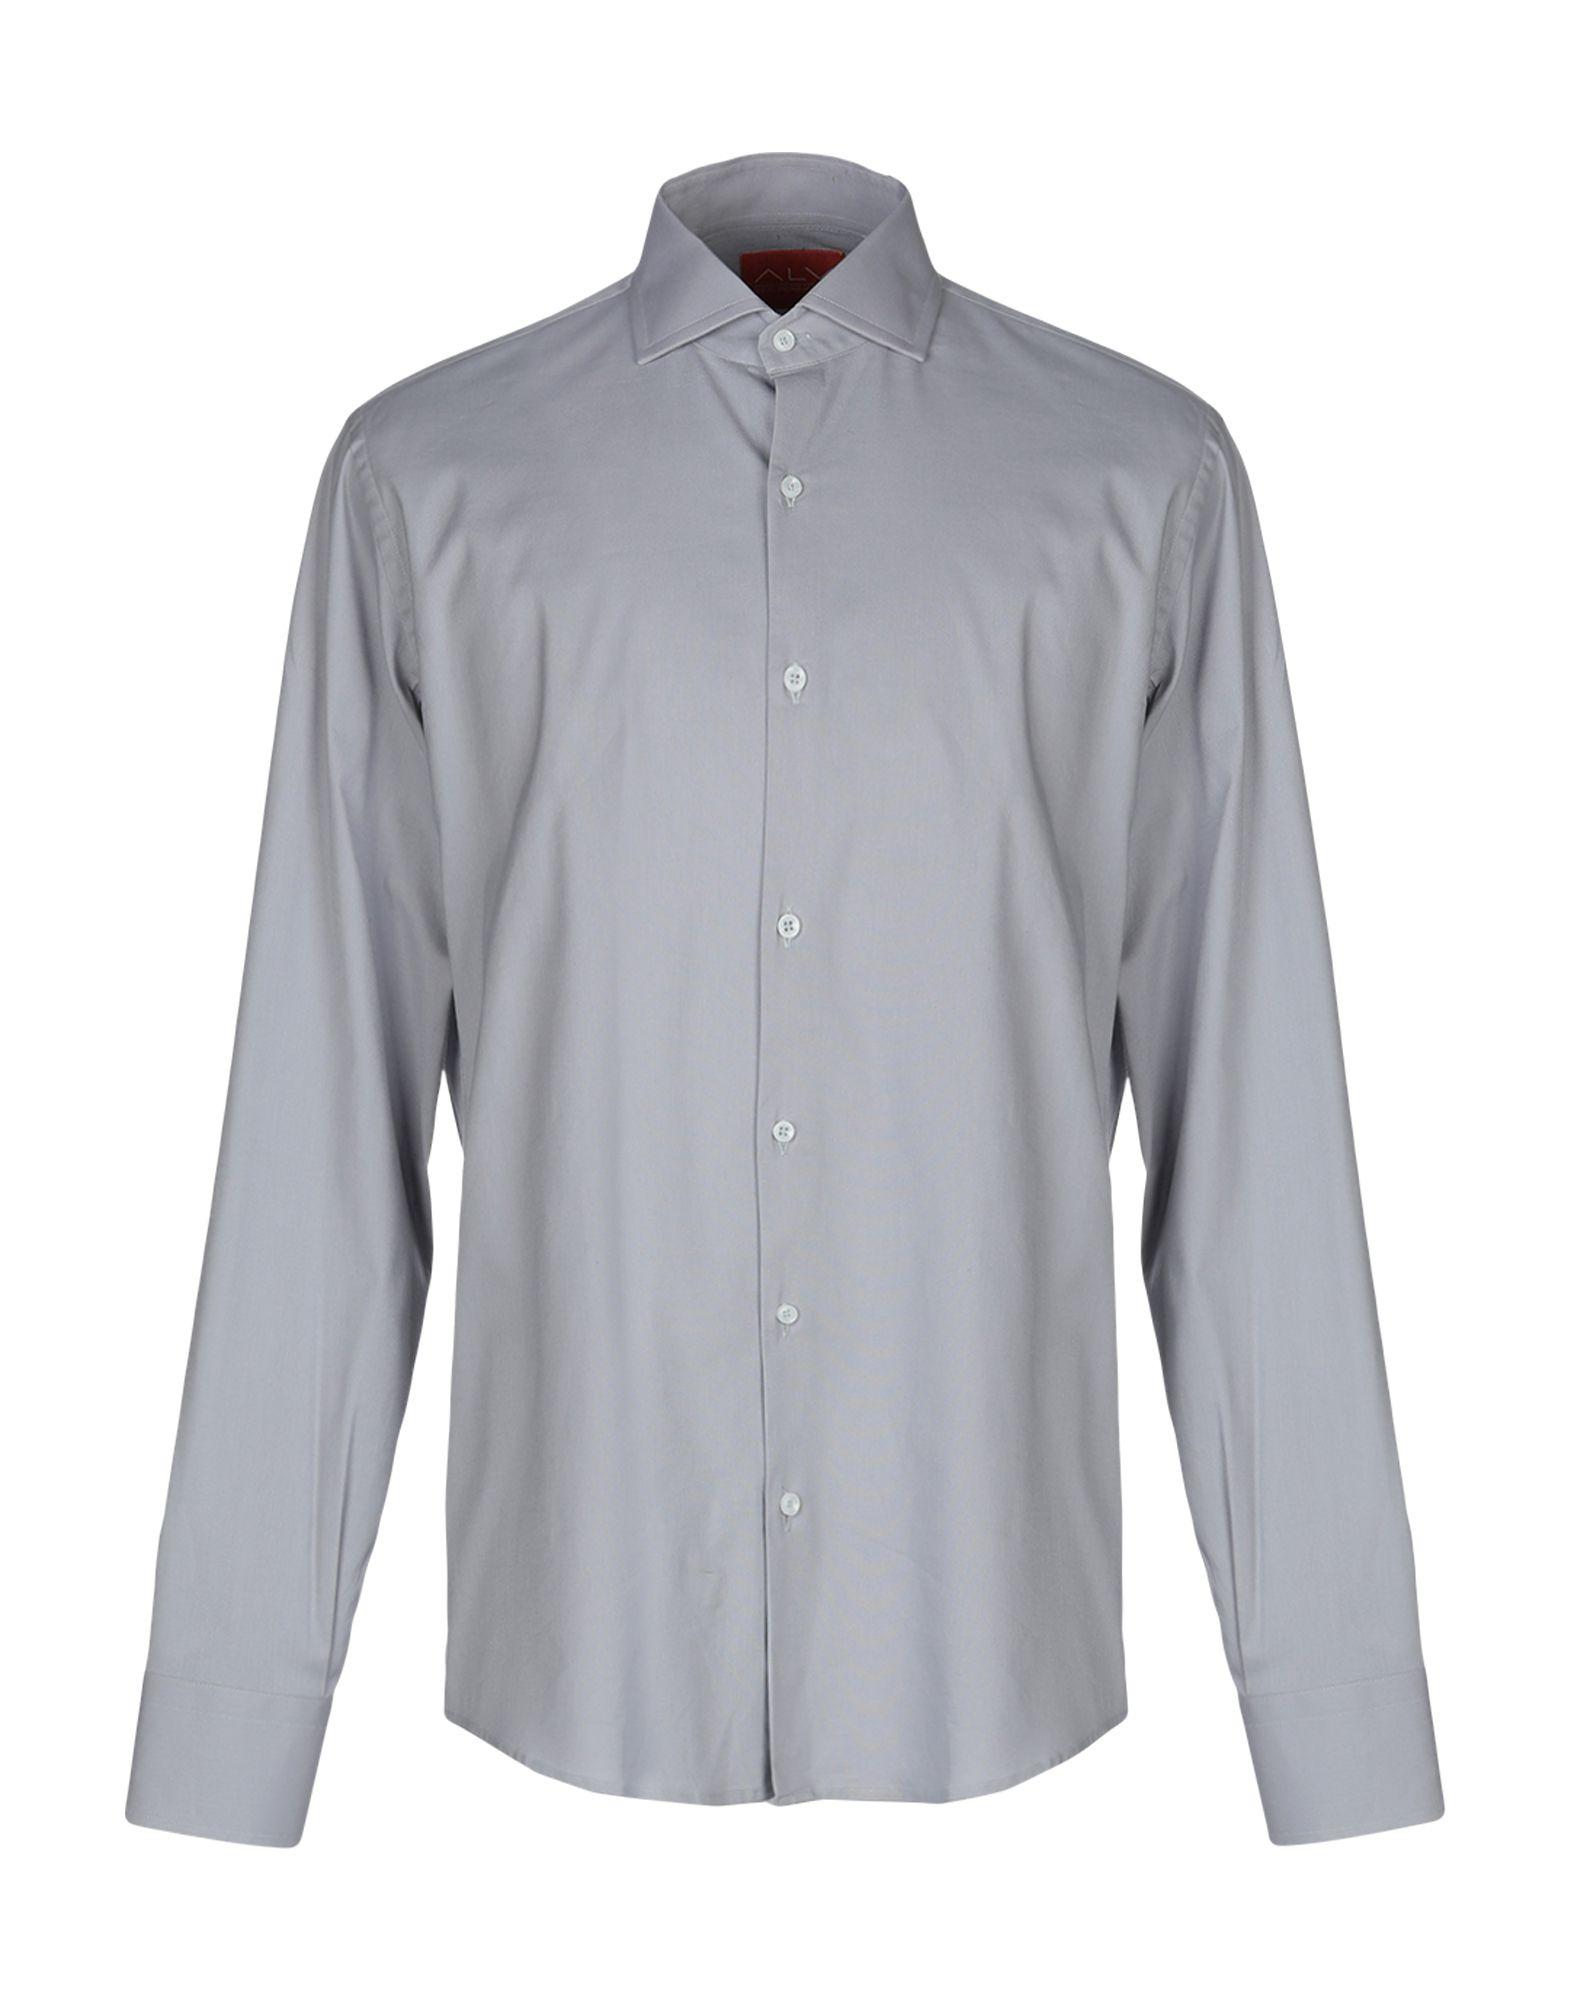 《期間限定セール中》ALV ANDARE LONTANO VIAGGIANDO メンズ シャツ グレー 39 コットン 100%